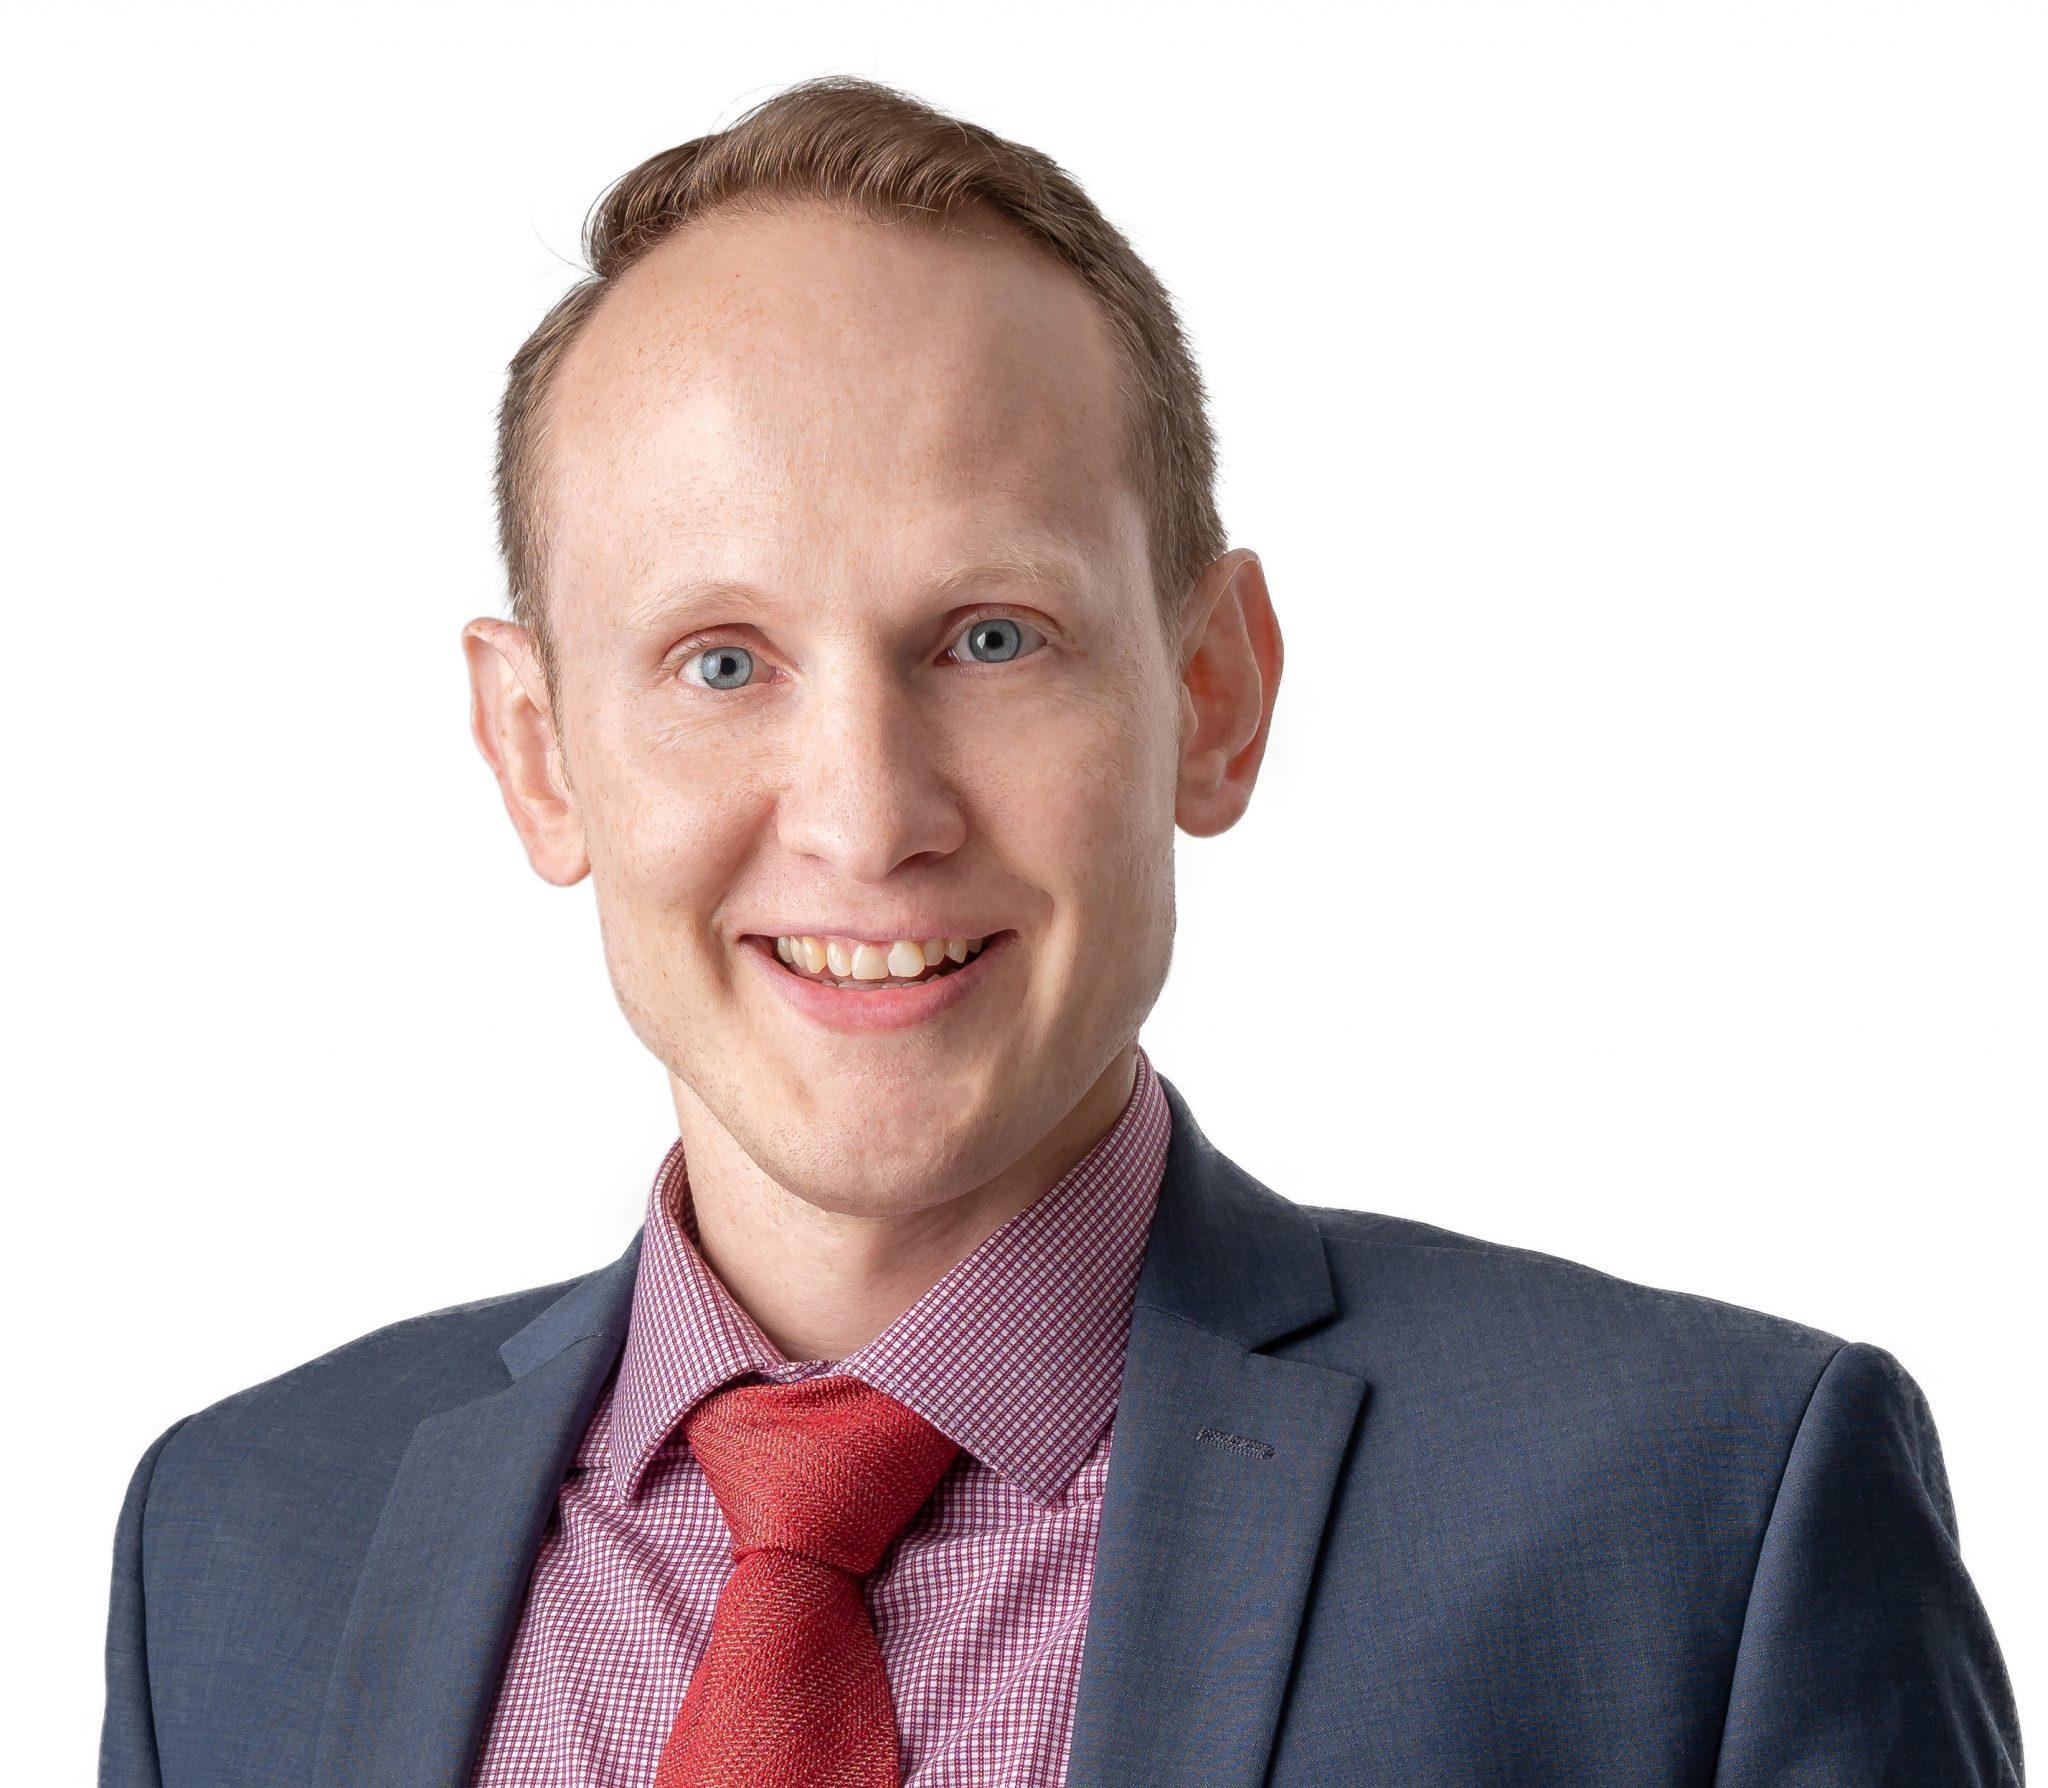 David Muhlestein